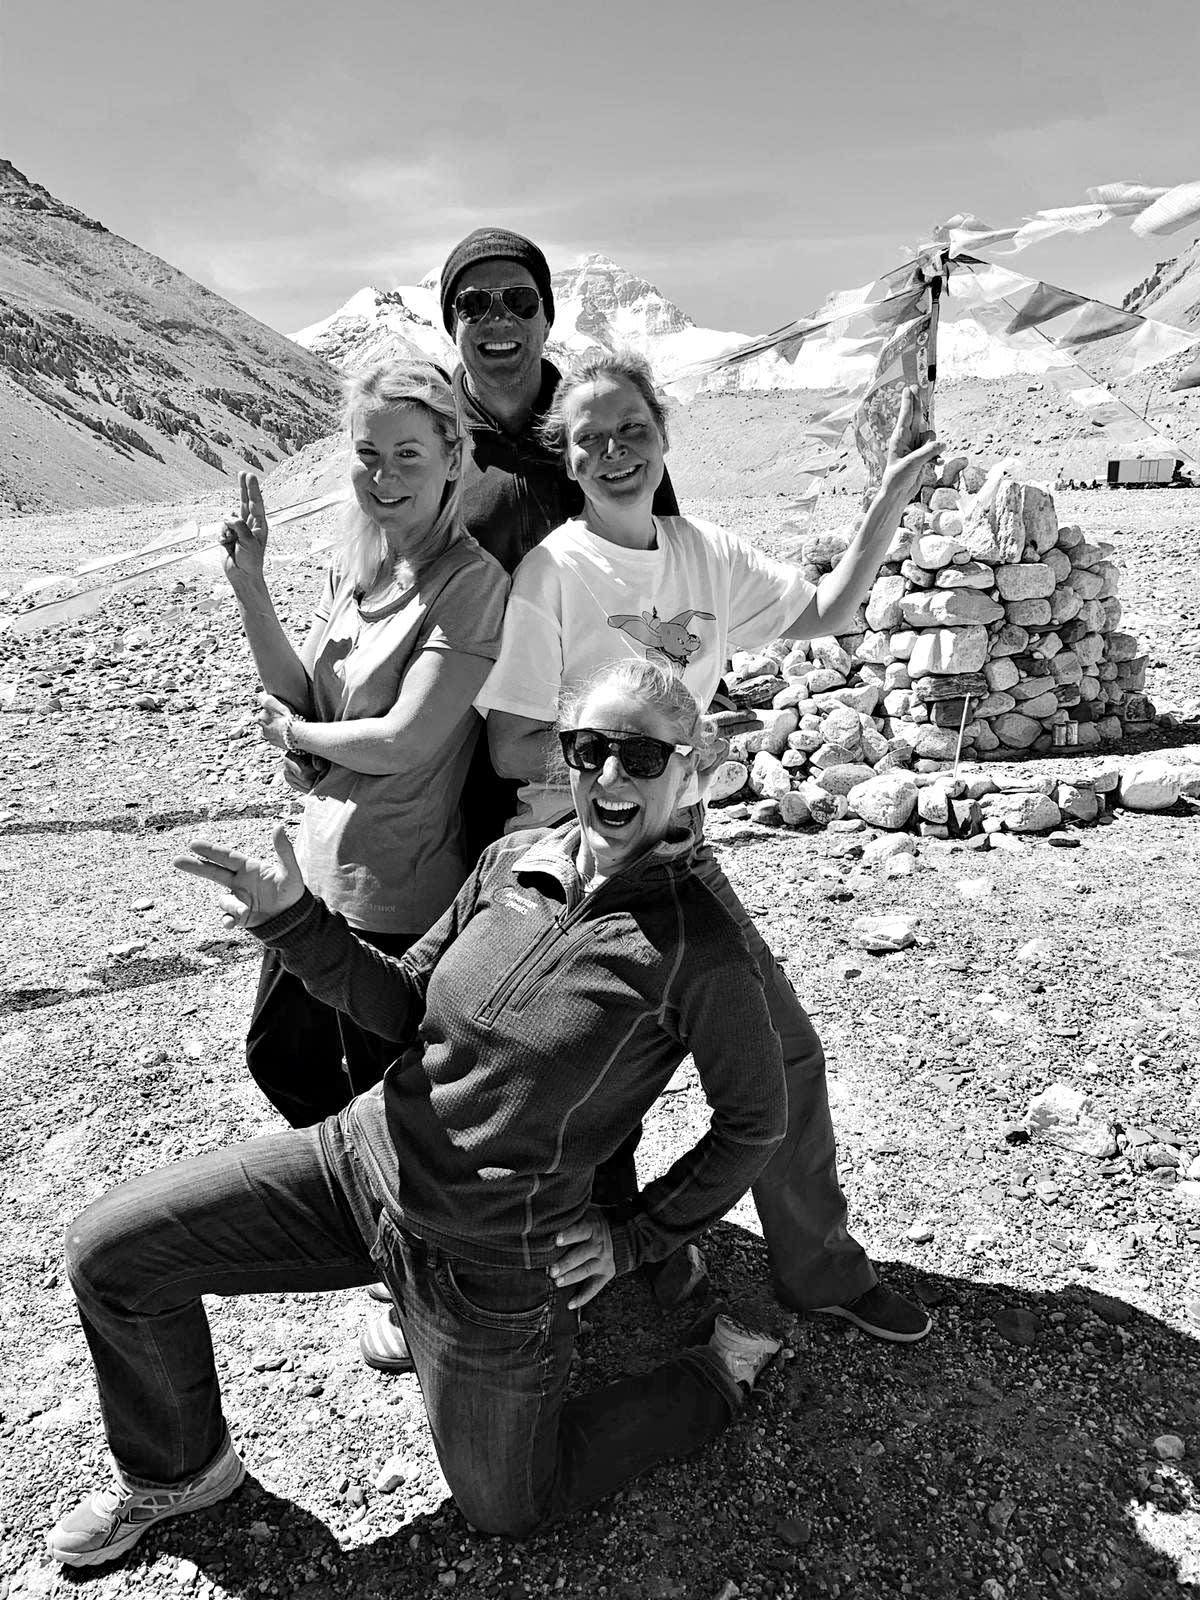 Viime perjantaina 24. toukokuuta 2019 maailman korkeimman vuoren Mount Everestin huipun neljäntenä suomalaisnaisena saavuttanut Paula Strengell (keskellä oik.). Takana seisova kiipeilijä Nick Hataley pääsi 8.5 km korkeuteen. Kuvan etualalla leader Di Gilbert ja Kirsty Watson (vas.).